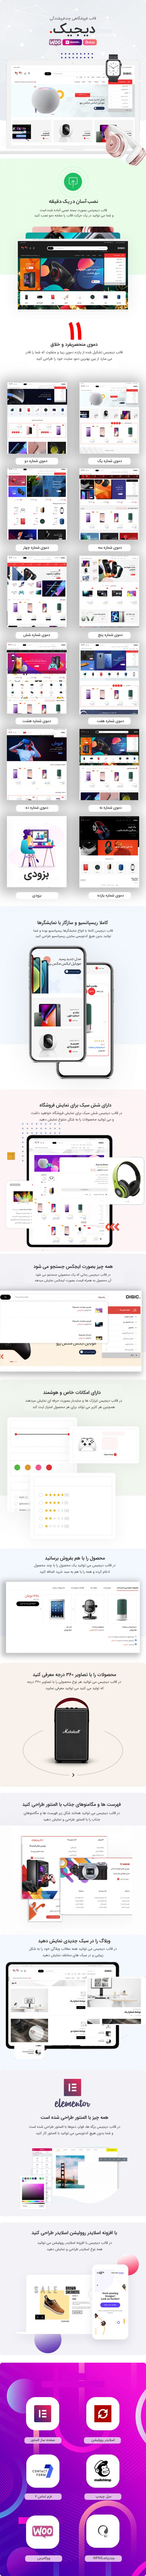 قالب Digic | قالب فروشگاهی وردپرس Digic | قالب فروشگاهی و چند فروشندگی دیجیک